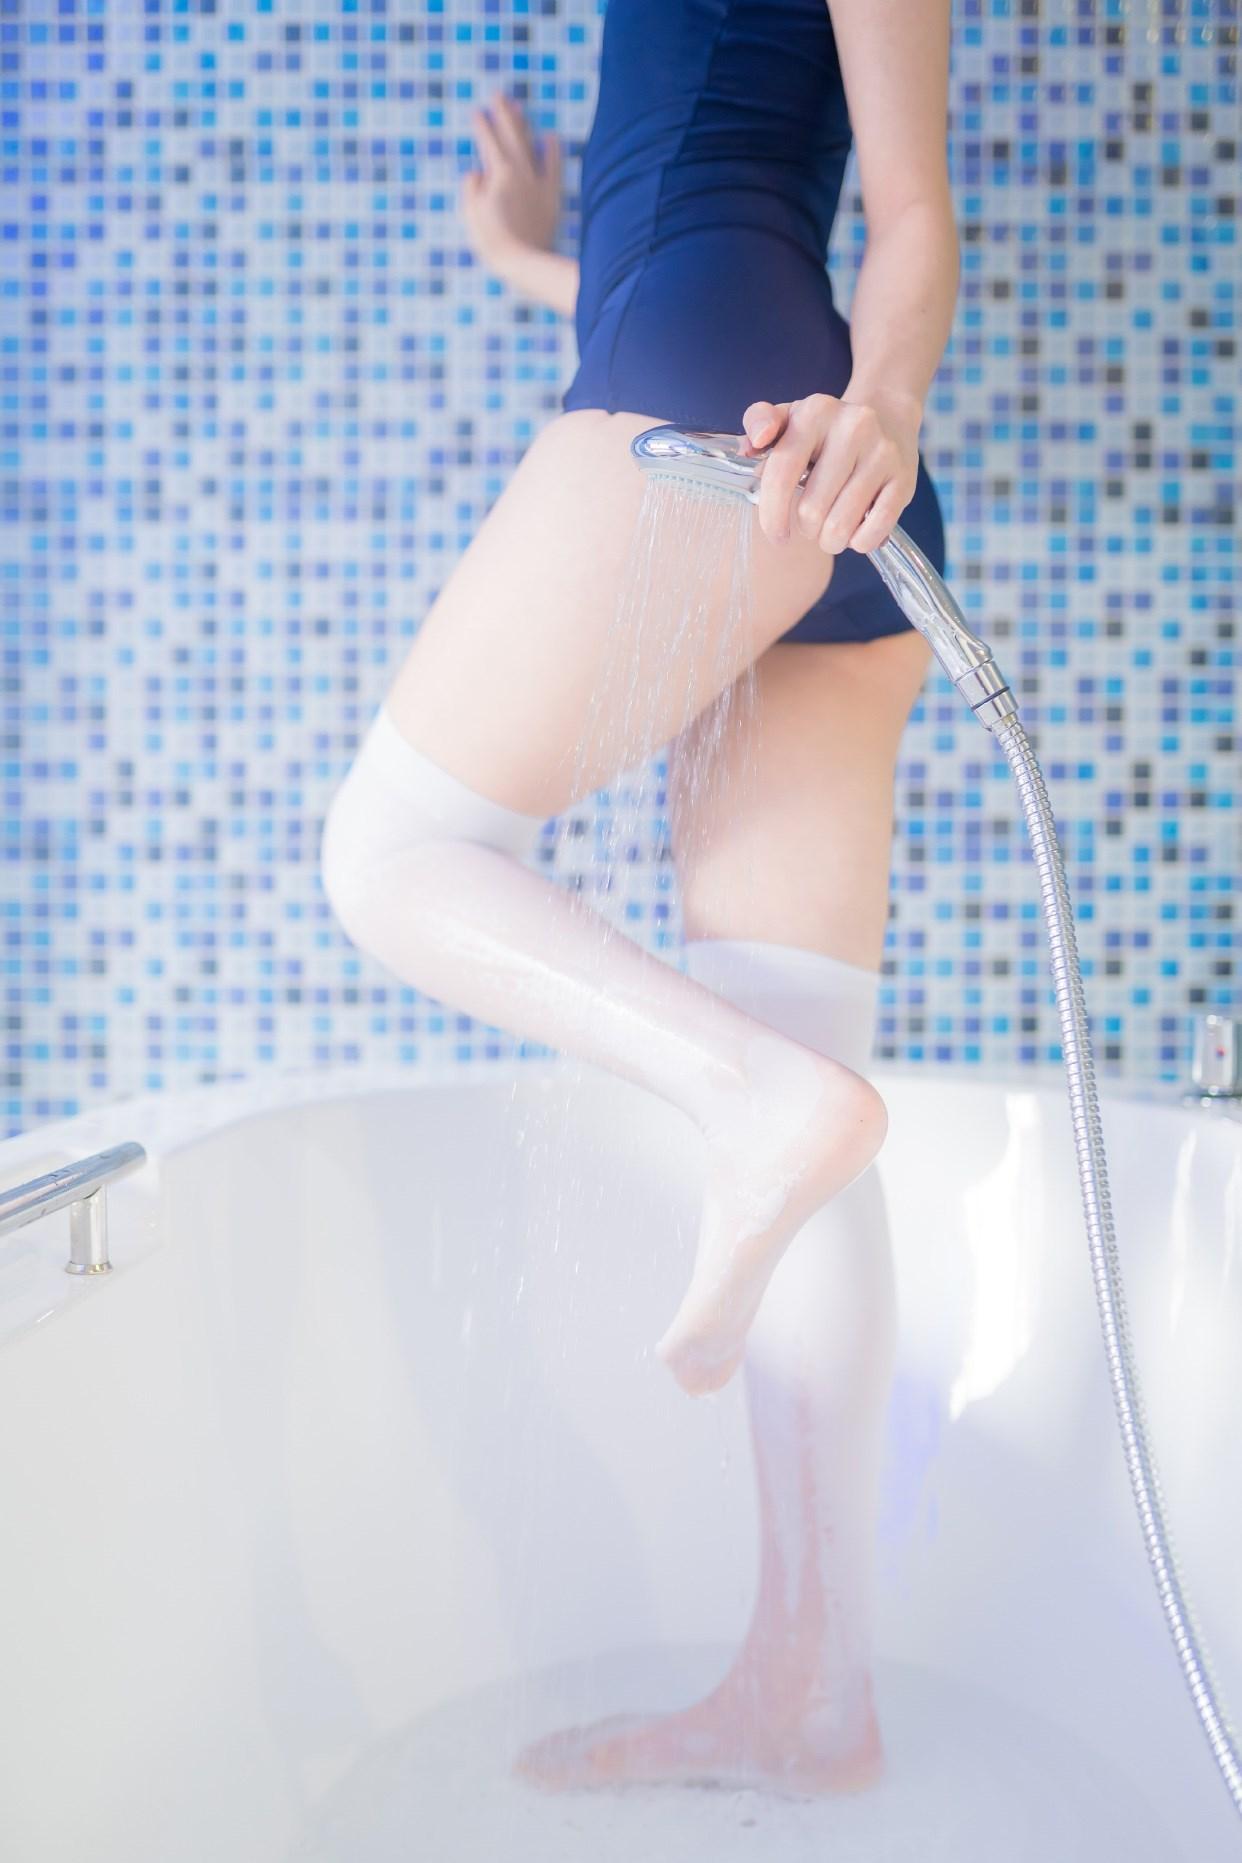 【兔玩映画】vol.18-浴室里 兔玩映画 第3张